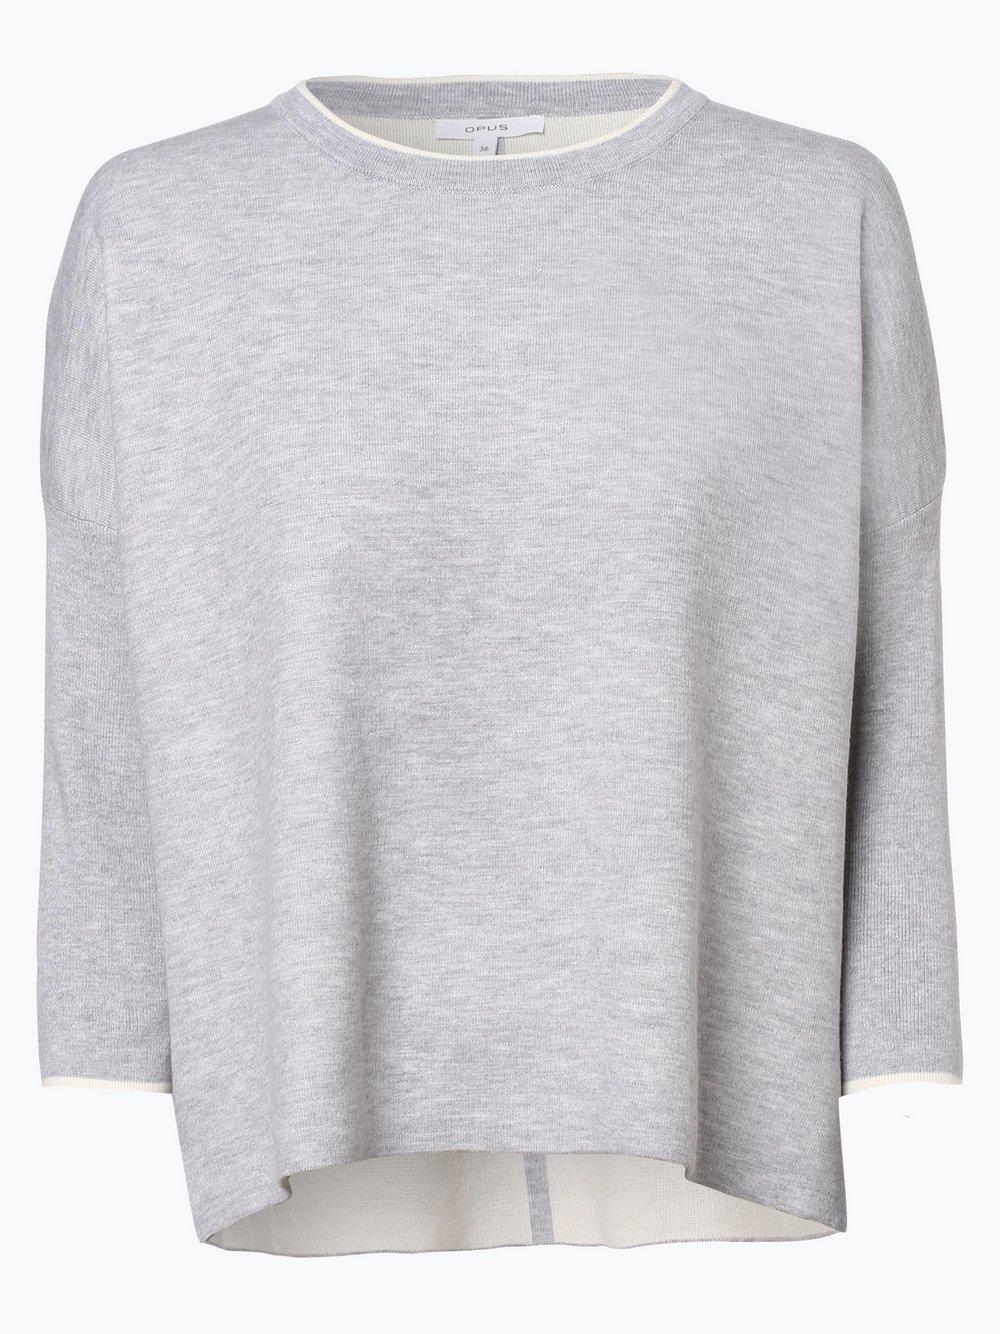 Opus Damen Pullover Petranos online kaufen | VANGRAAF.COM